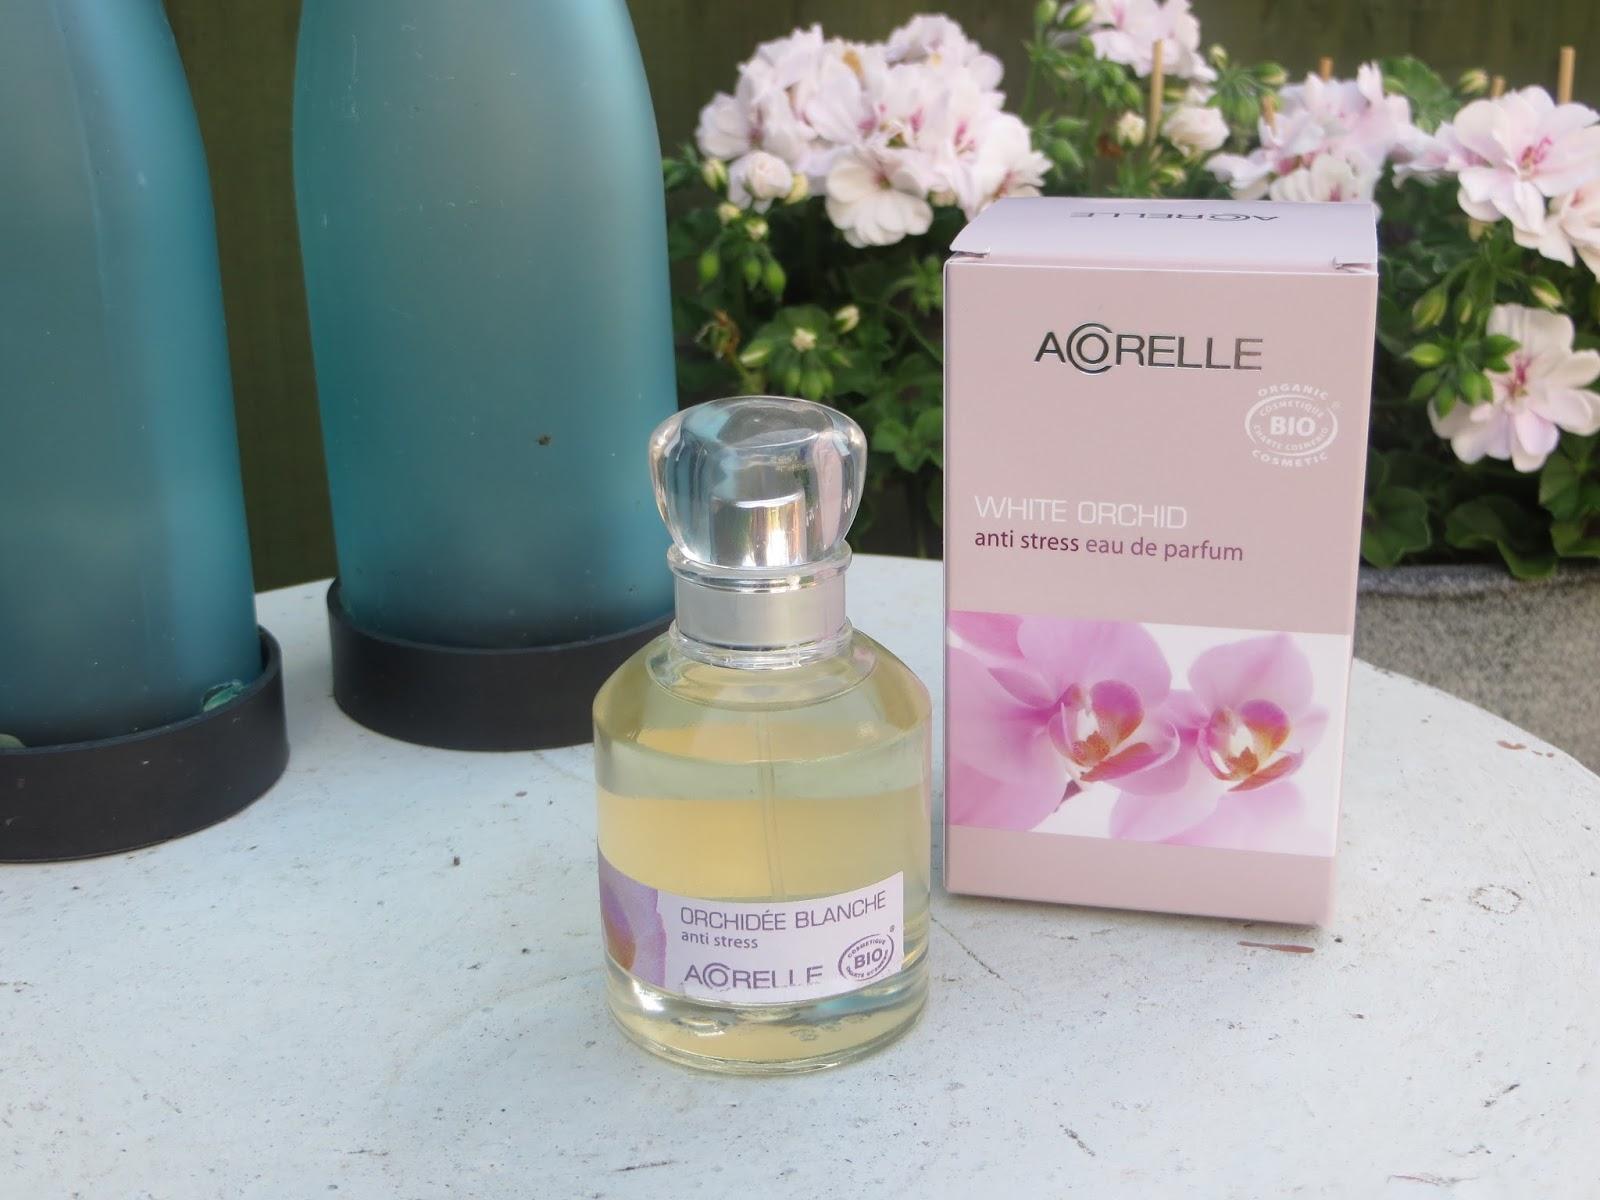 Acorelle Eau de Parfum White Orchid Review